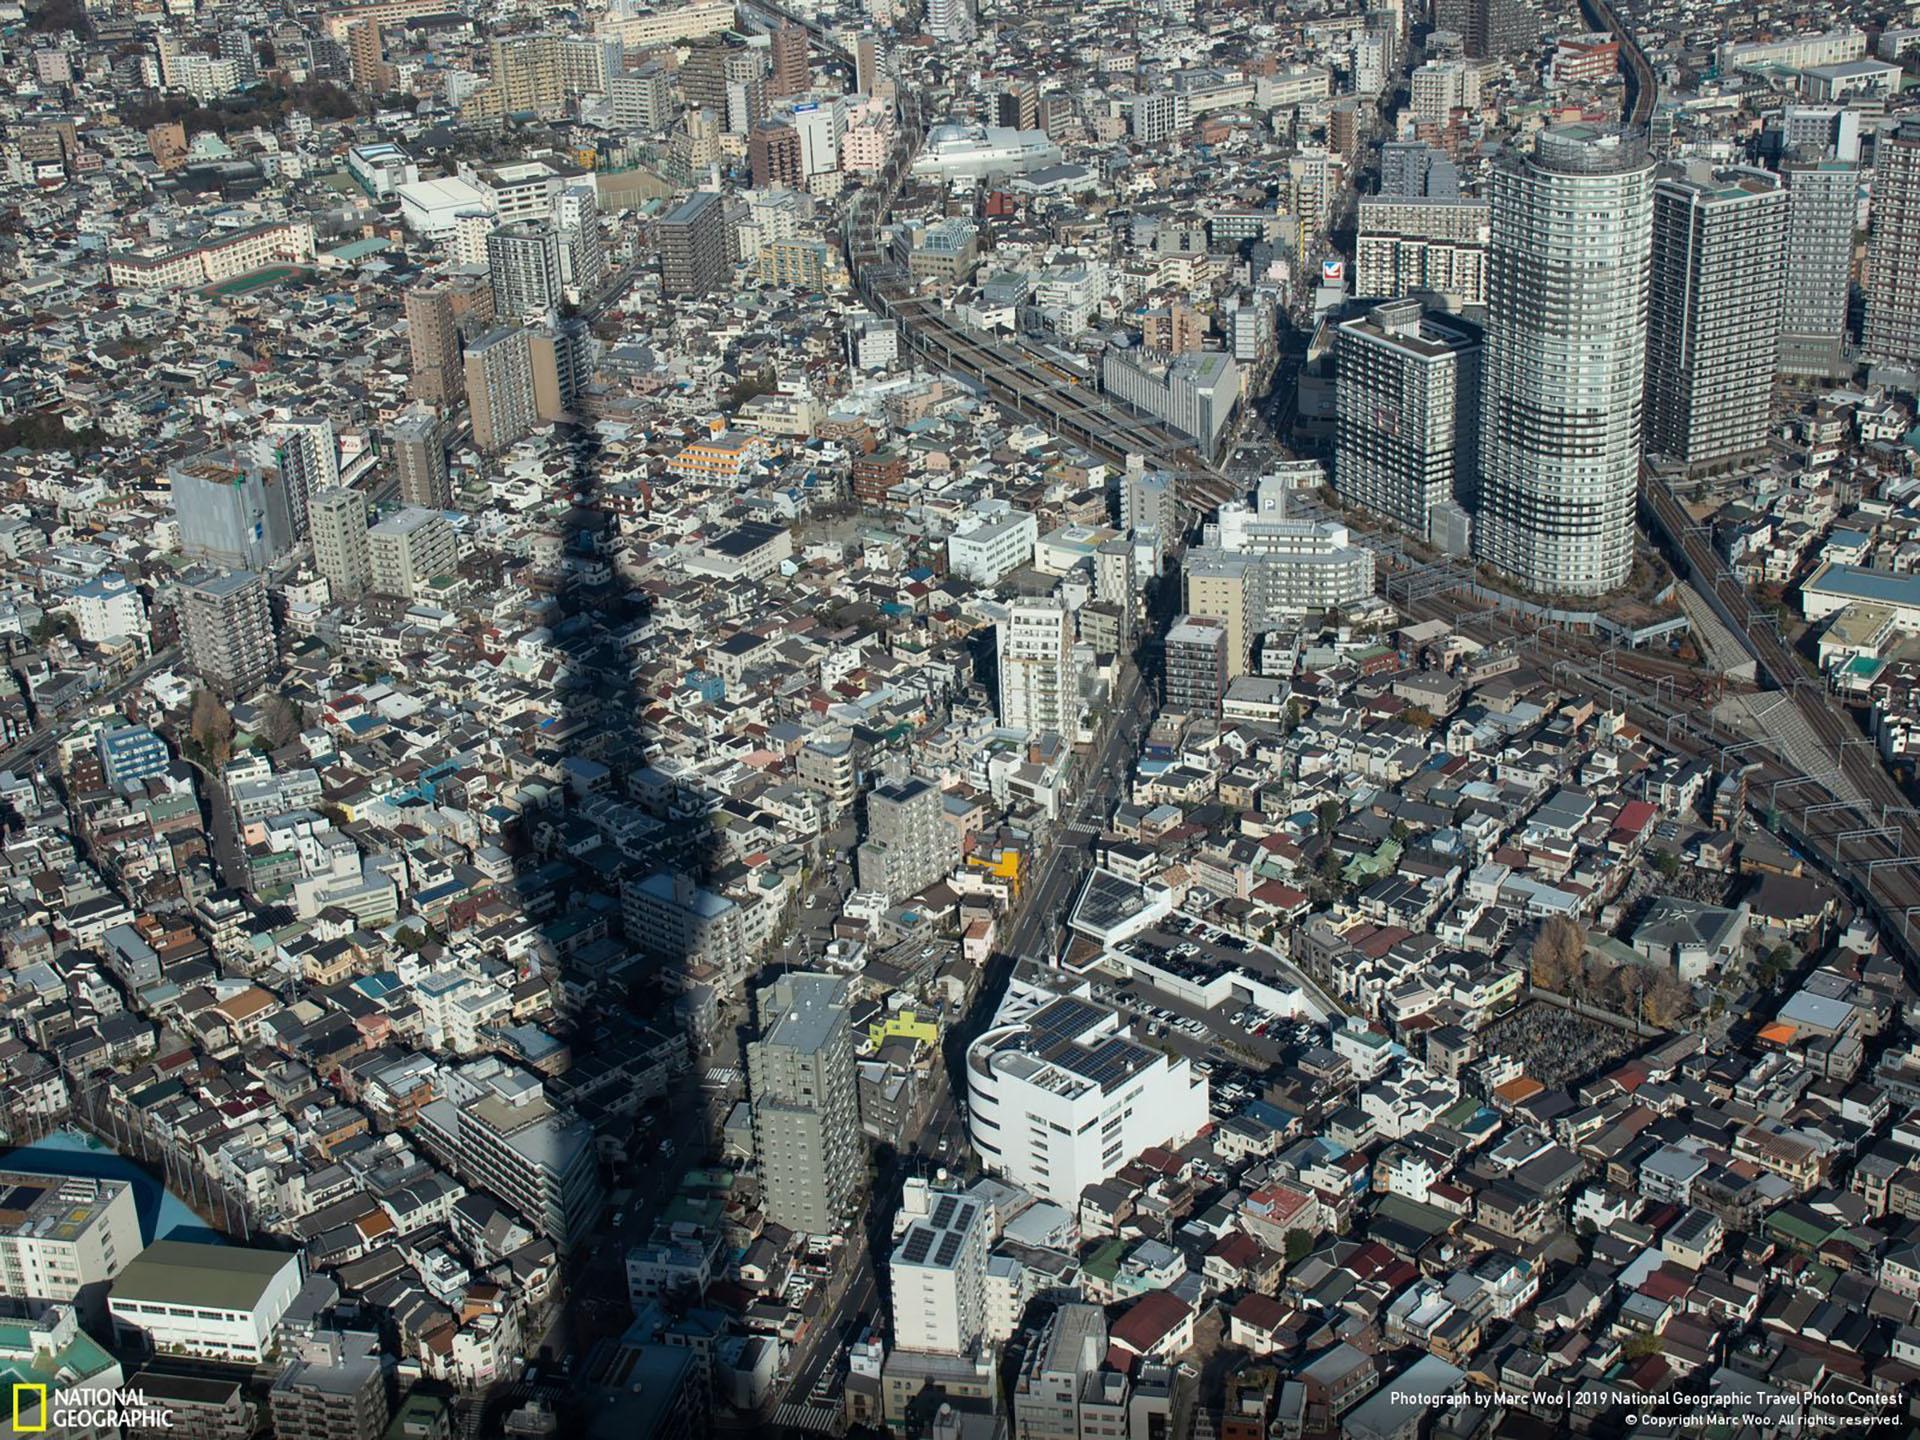 """""""Bajo el Skytree"""", por Marc Woo: """"Estaba en la terraza superior del Skytree alrededor del mediodía, cuando miré hacia afuera, noté que la sombra del Skytree y la calle se intersecaban como las manecillas de un reloj. También me sorprendió la cantidad de hogares que hay debajo del Skytree"""". (""""Under the Skytree / 2019 National Geographic Travel Photo Contest / Categoría: Ciudades / Ubicación: Sumidacho, Tokio, Japón)"""